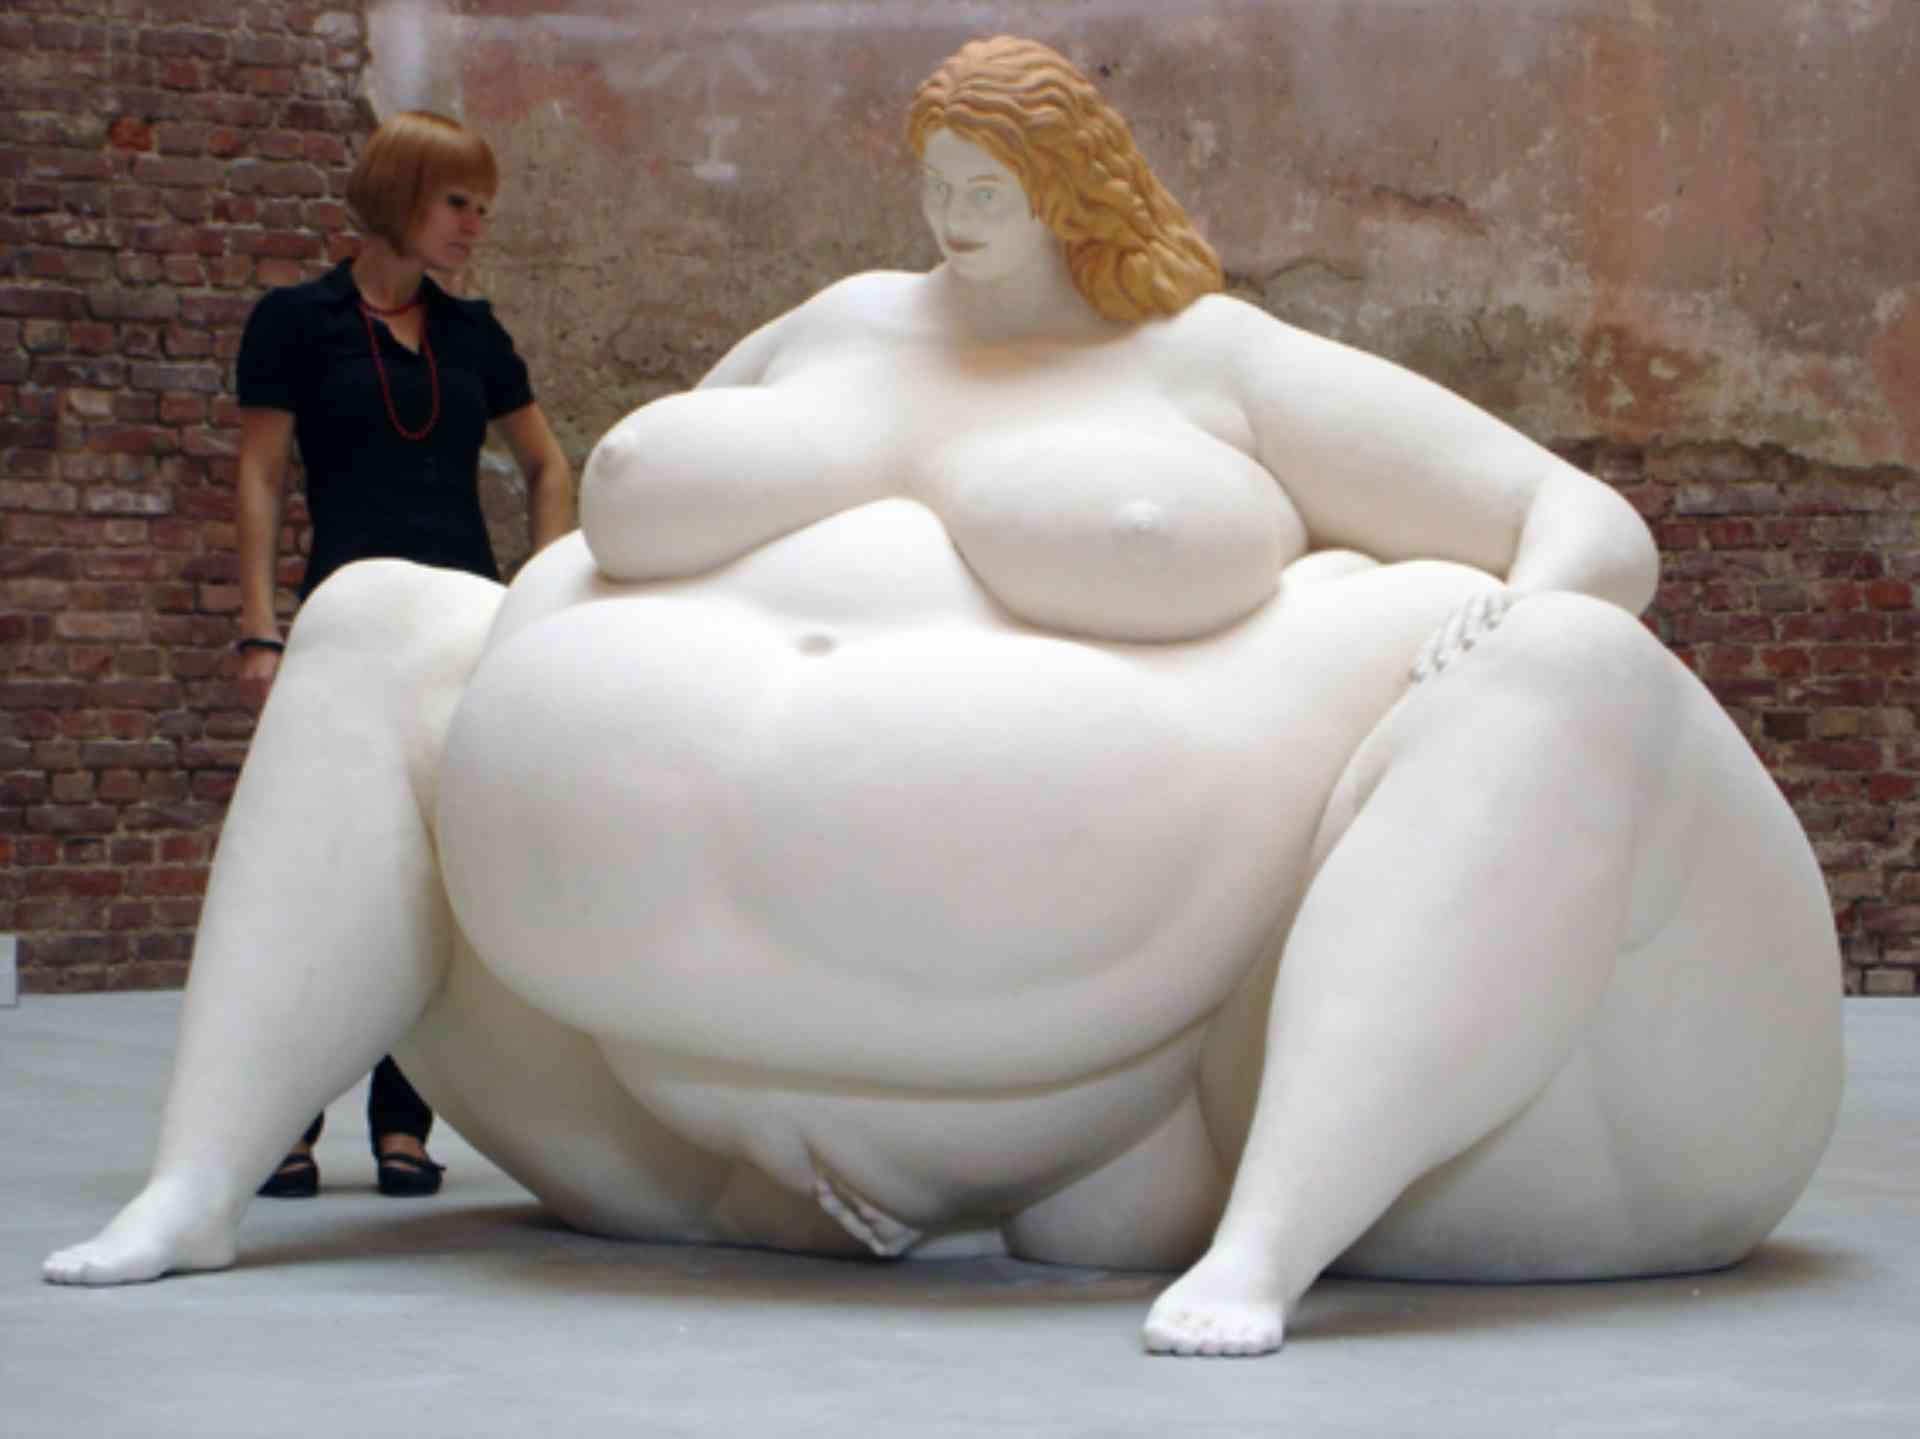 Толстые бабы ххх, Порно с толстыми женщинами. Смотреть секс 11 фотография